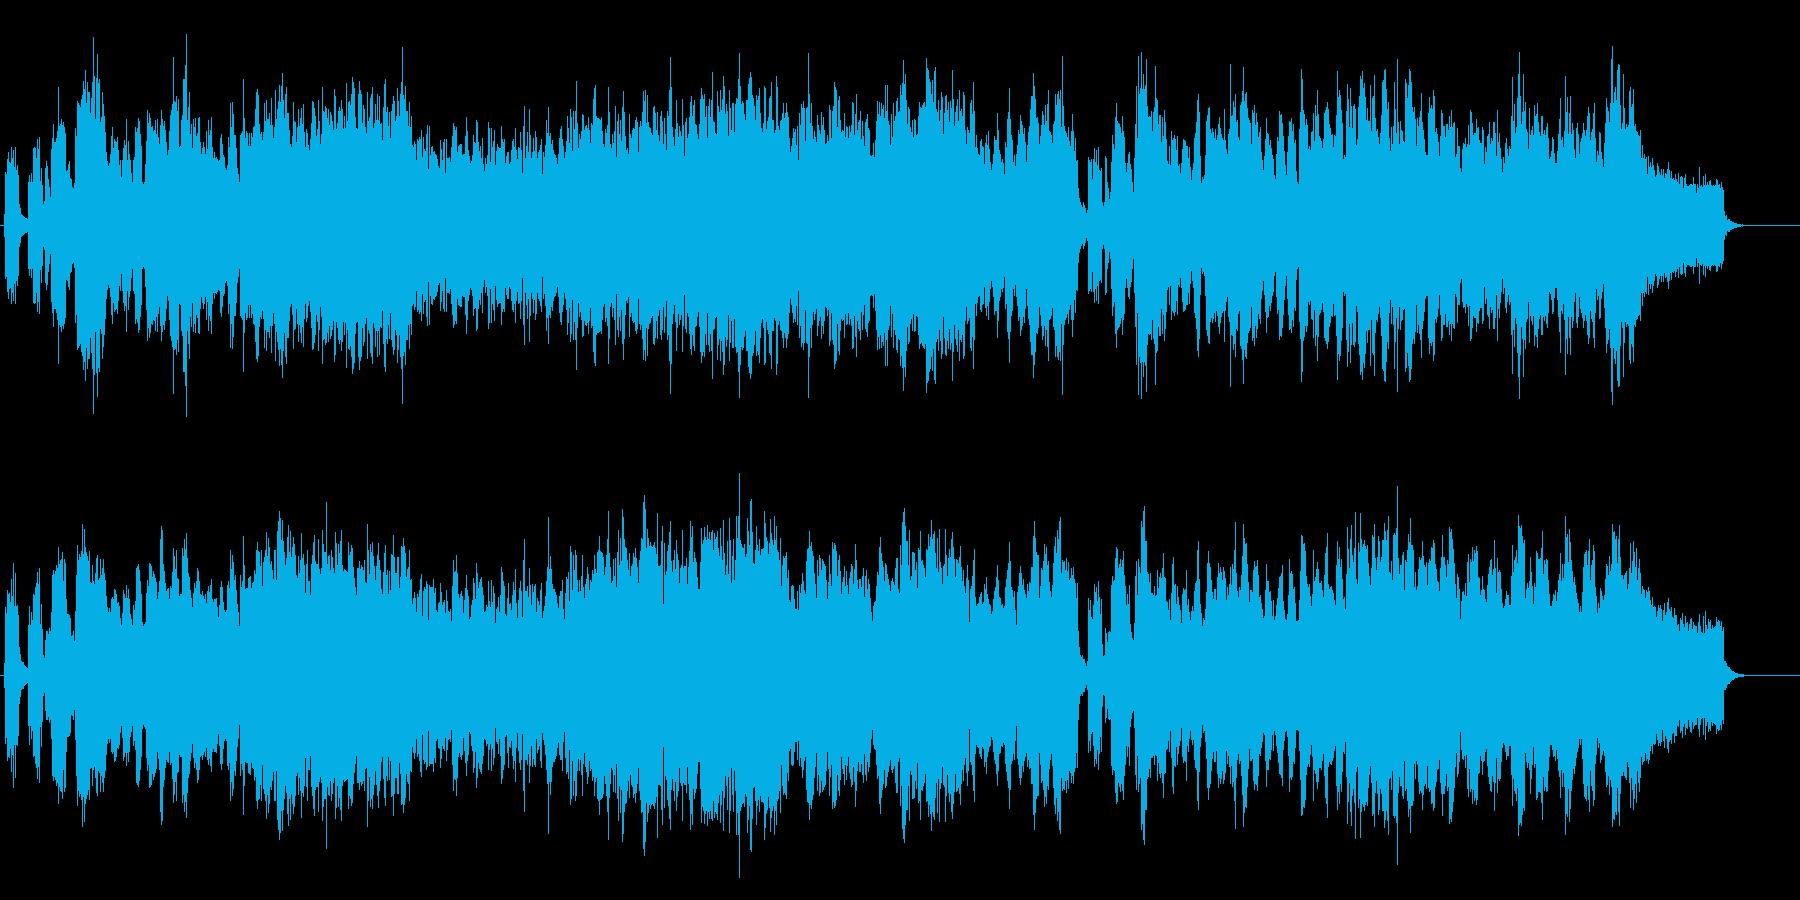 シュールな感触を極めたシンフォニック調の再生済みの波形